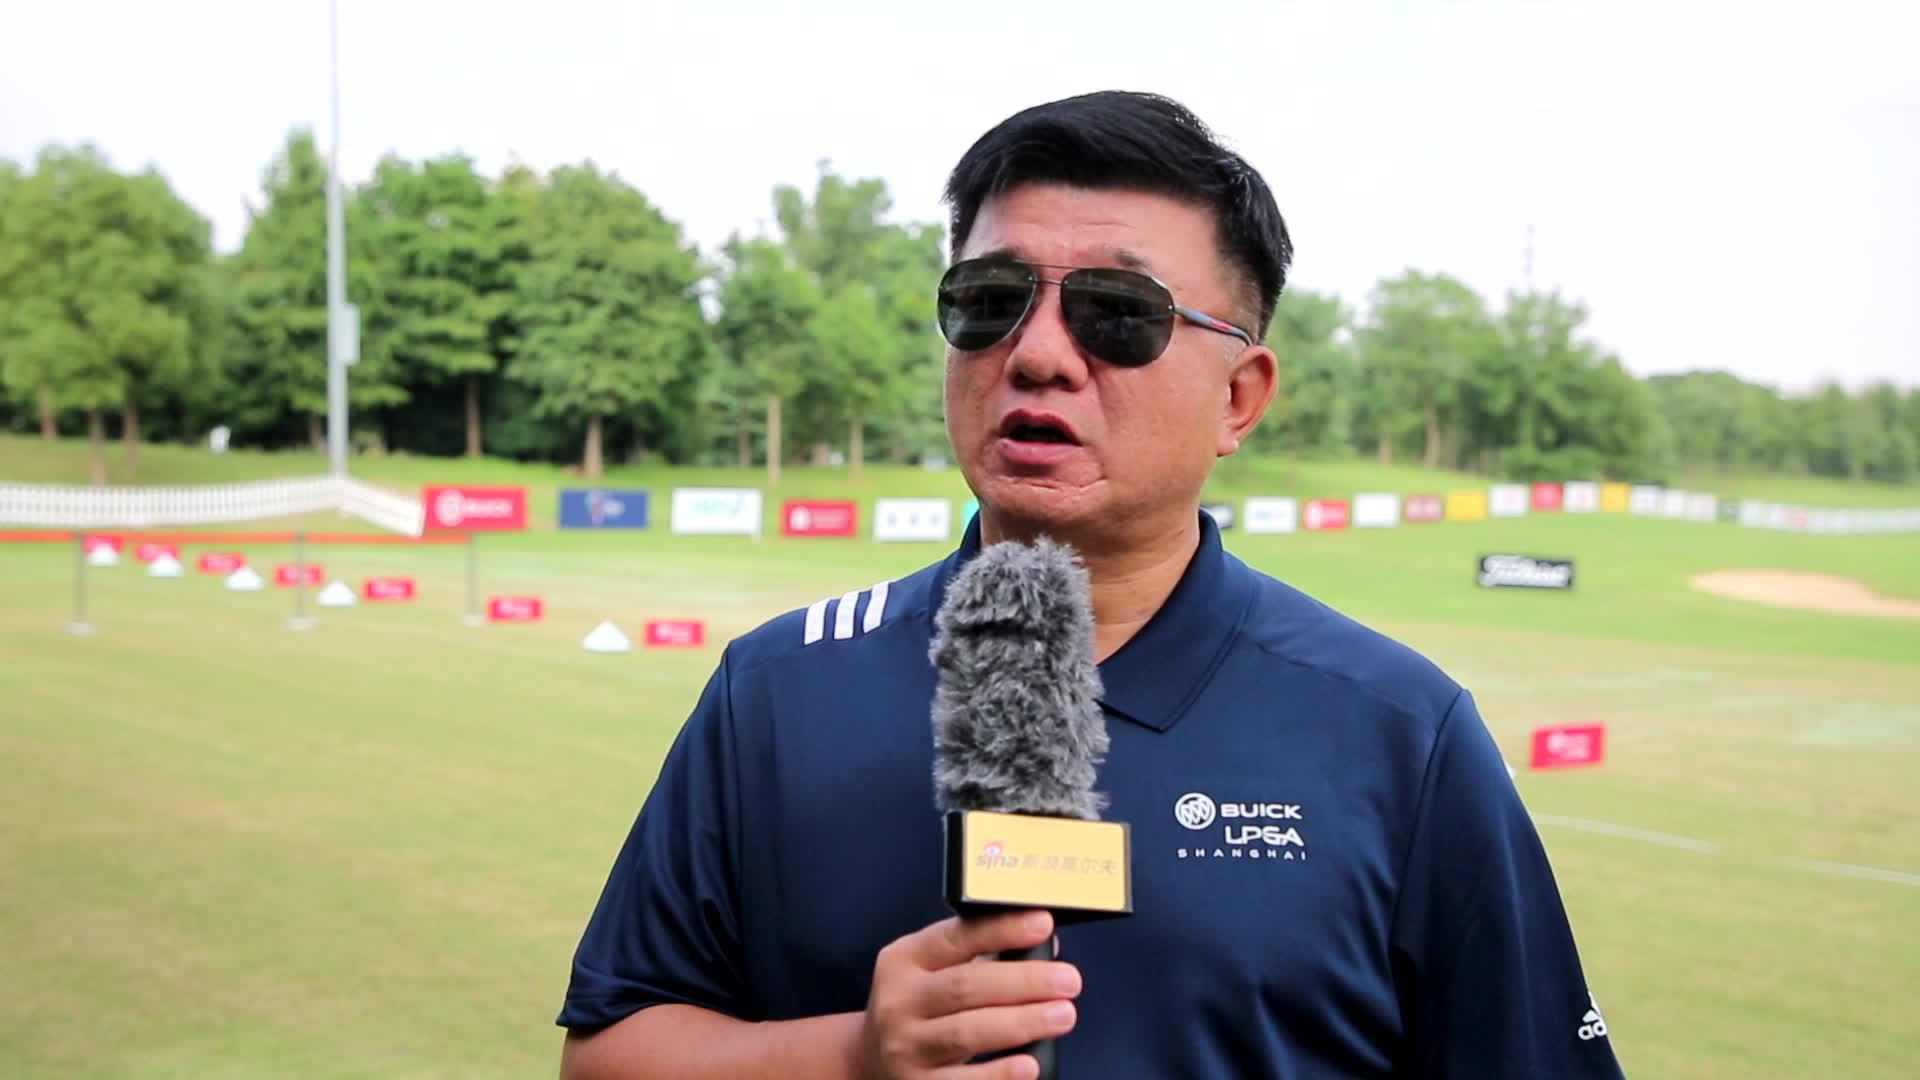 视频-旗忠总经理张欣专访:本土大赛是最佳锻炼机会